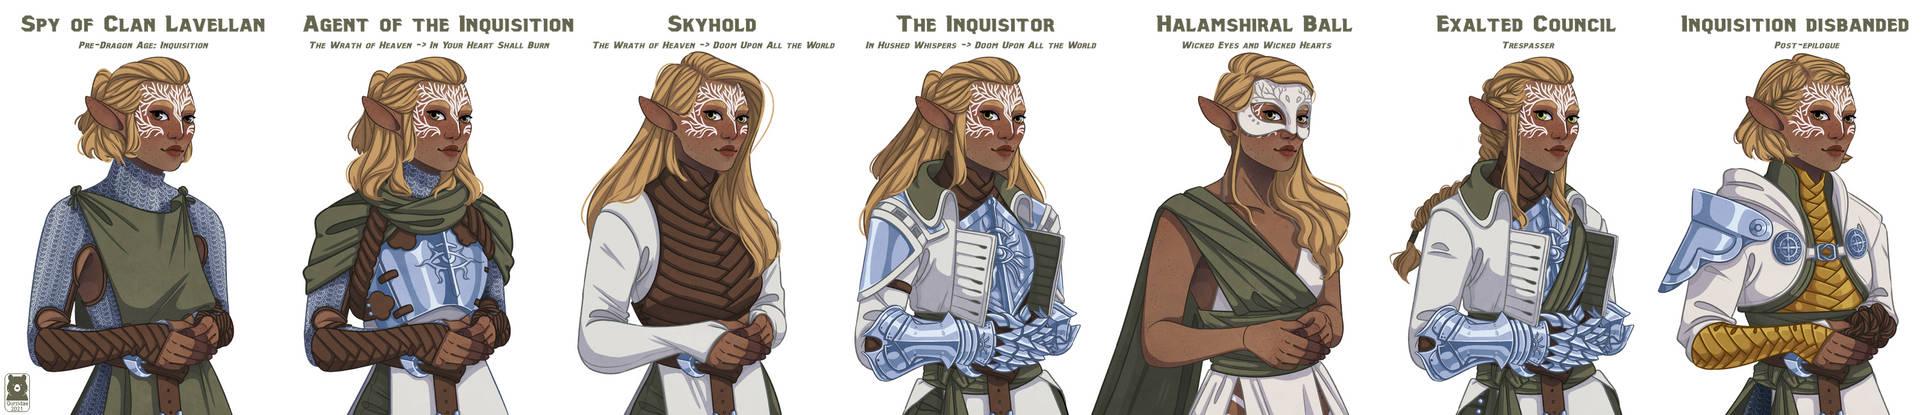 [DAI] Inquisitor Arla Lavellan's Wardrobe timeline